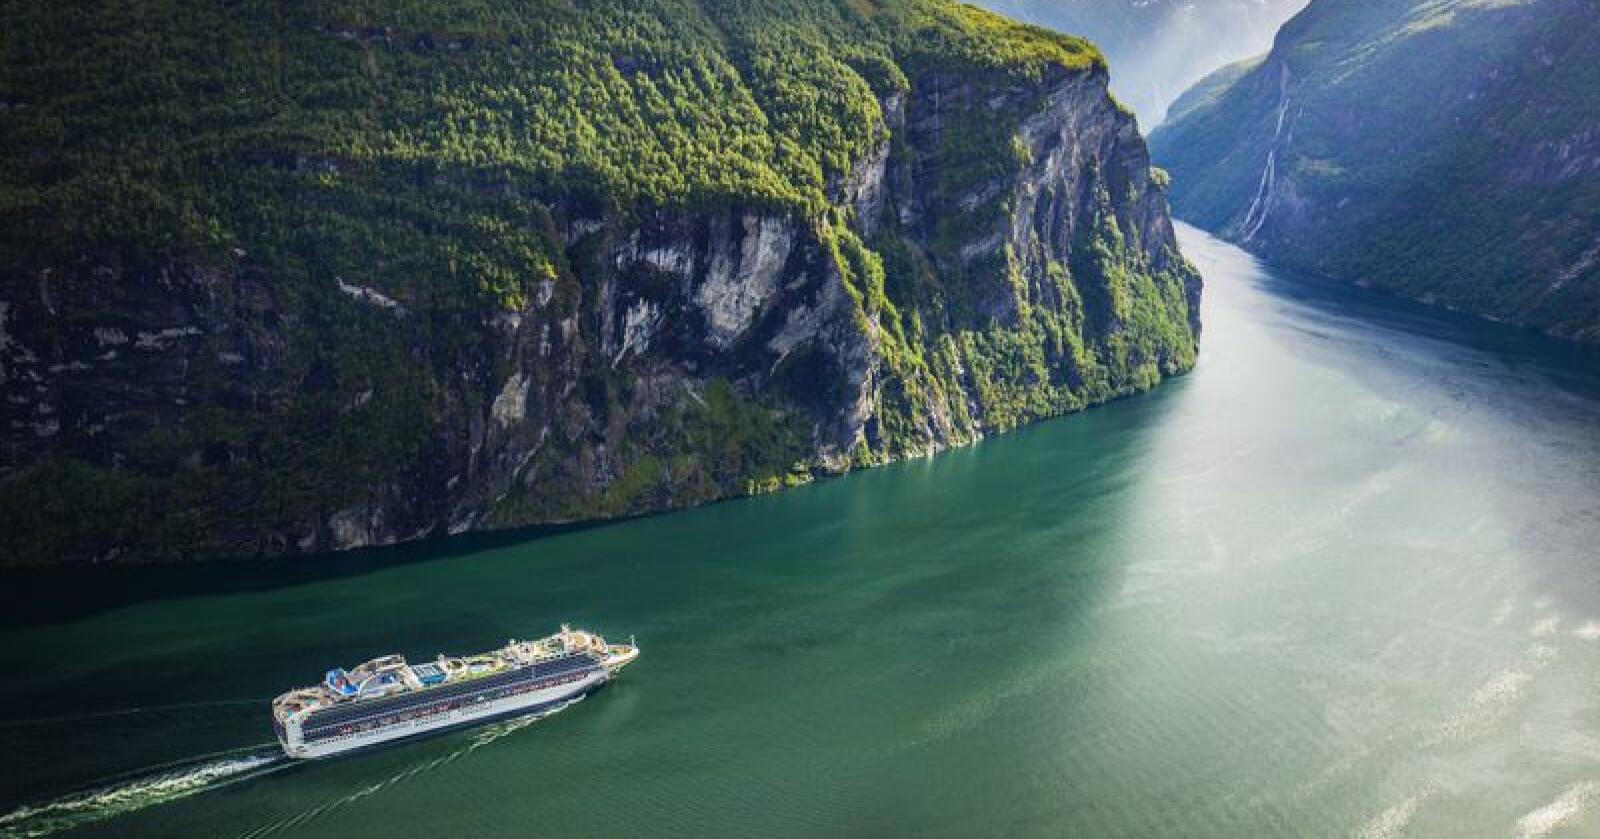 I åra framover skal det byggjast ei rekkje nye cruiseskip, men Tor Christian Sletner i bransjeorganisasjonen Cruise Lines International Association (Clia) seier næringa treng tid til å omstilla seg til strengare miljøkrav og at teknologien enno ikkje er på plass. Foto: Halvard Alvik, NTB scanpix / NPK